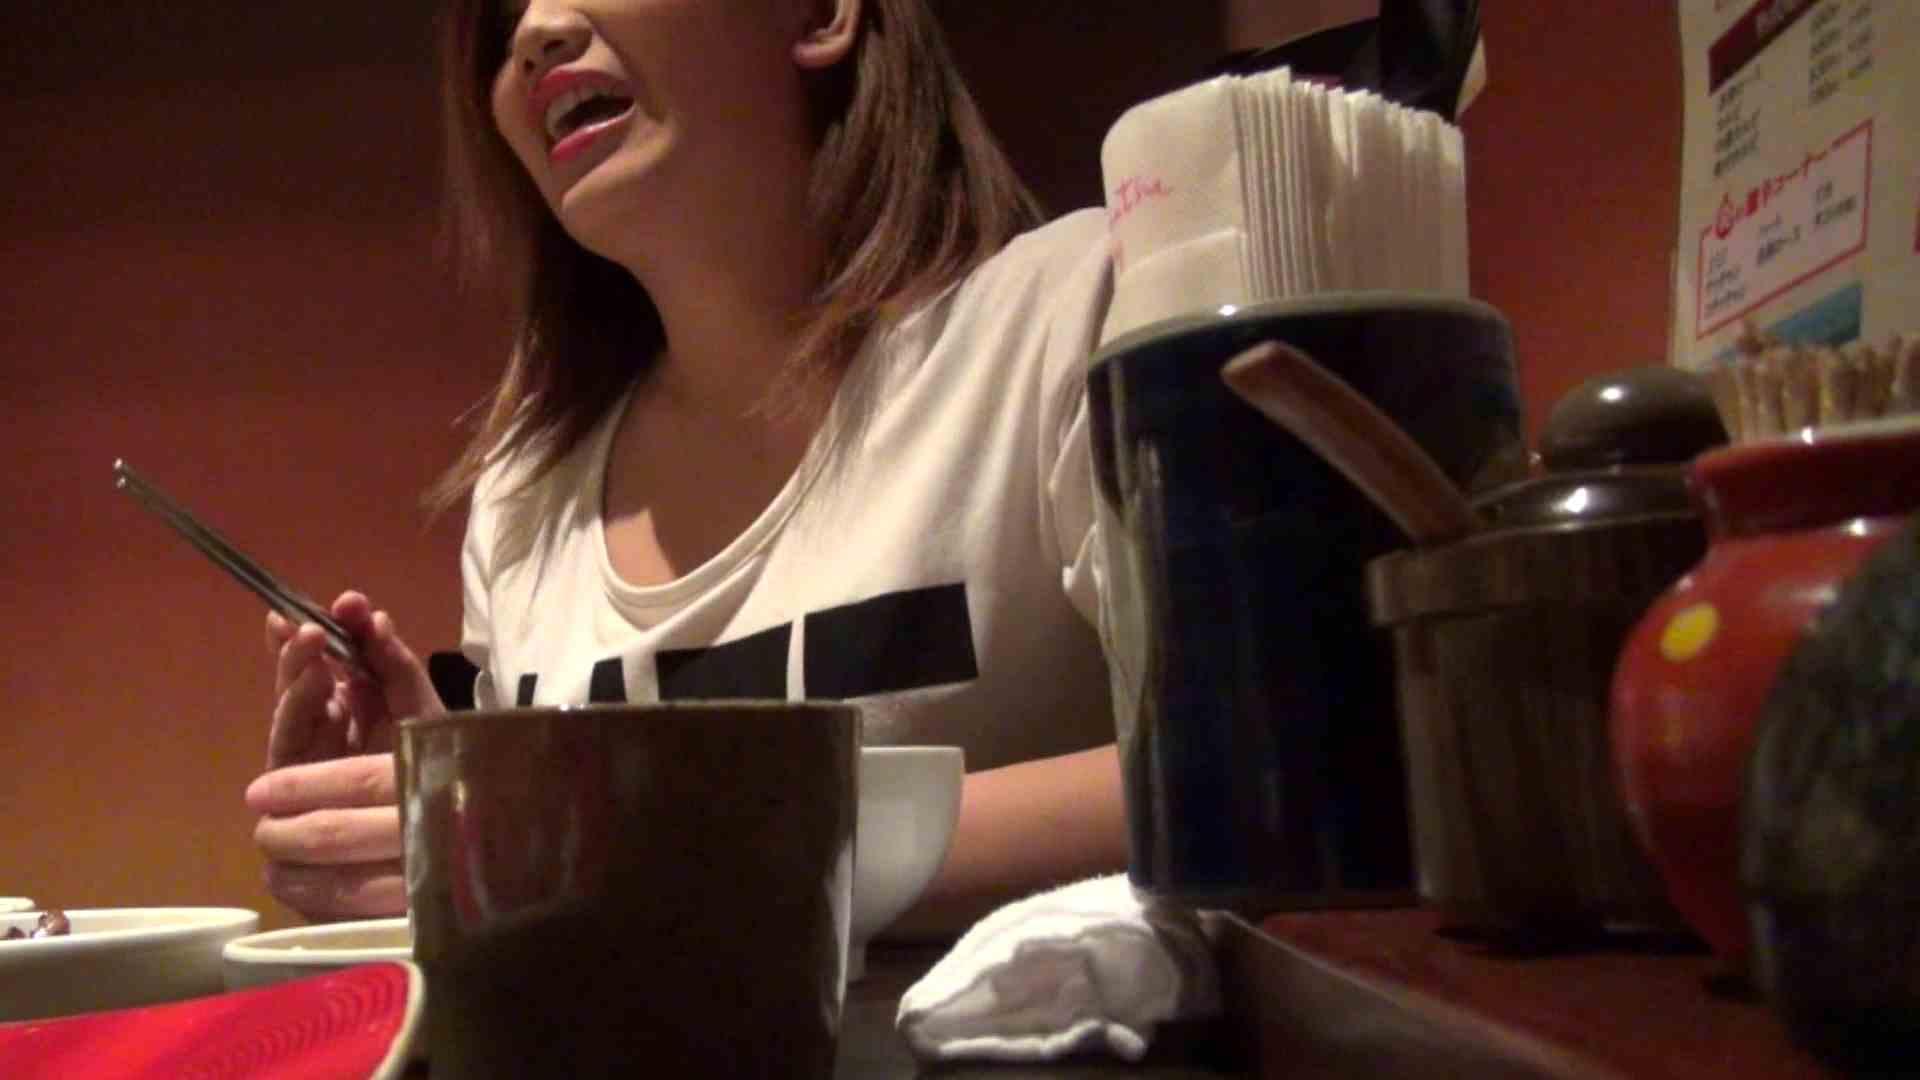 【出会い01】大助さんMちゃんと食事会 エッチすぎる友人  54連発 30